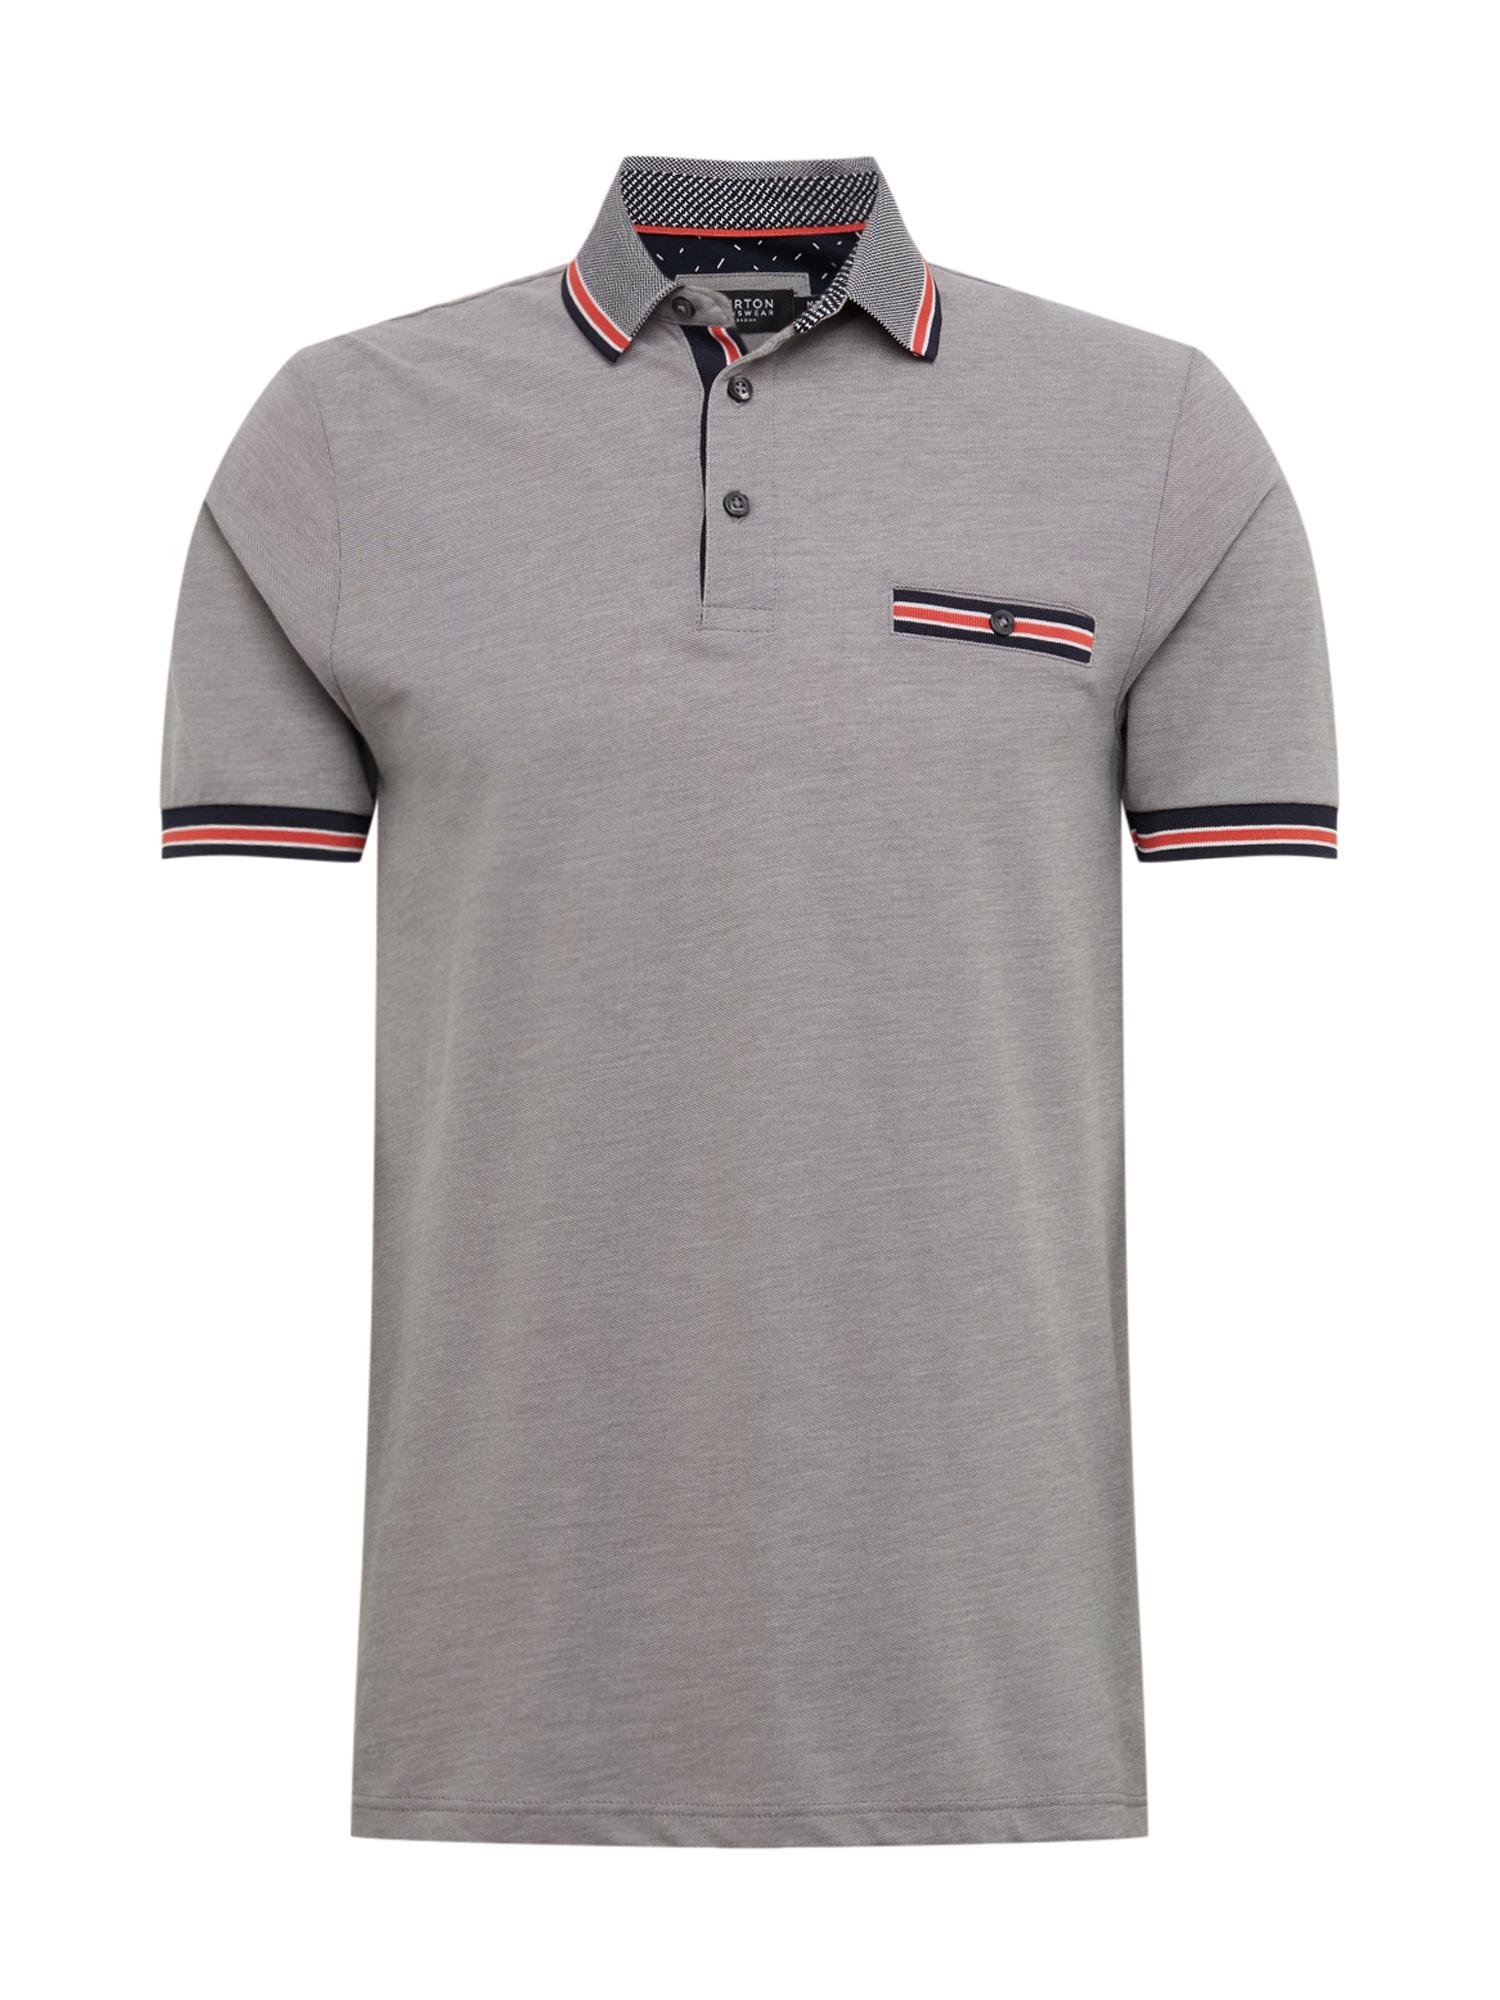 BURTON MENSWEAR LONDON Marškinėliai pilka